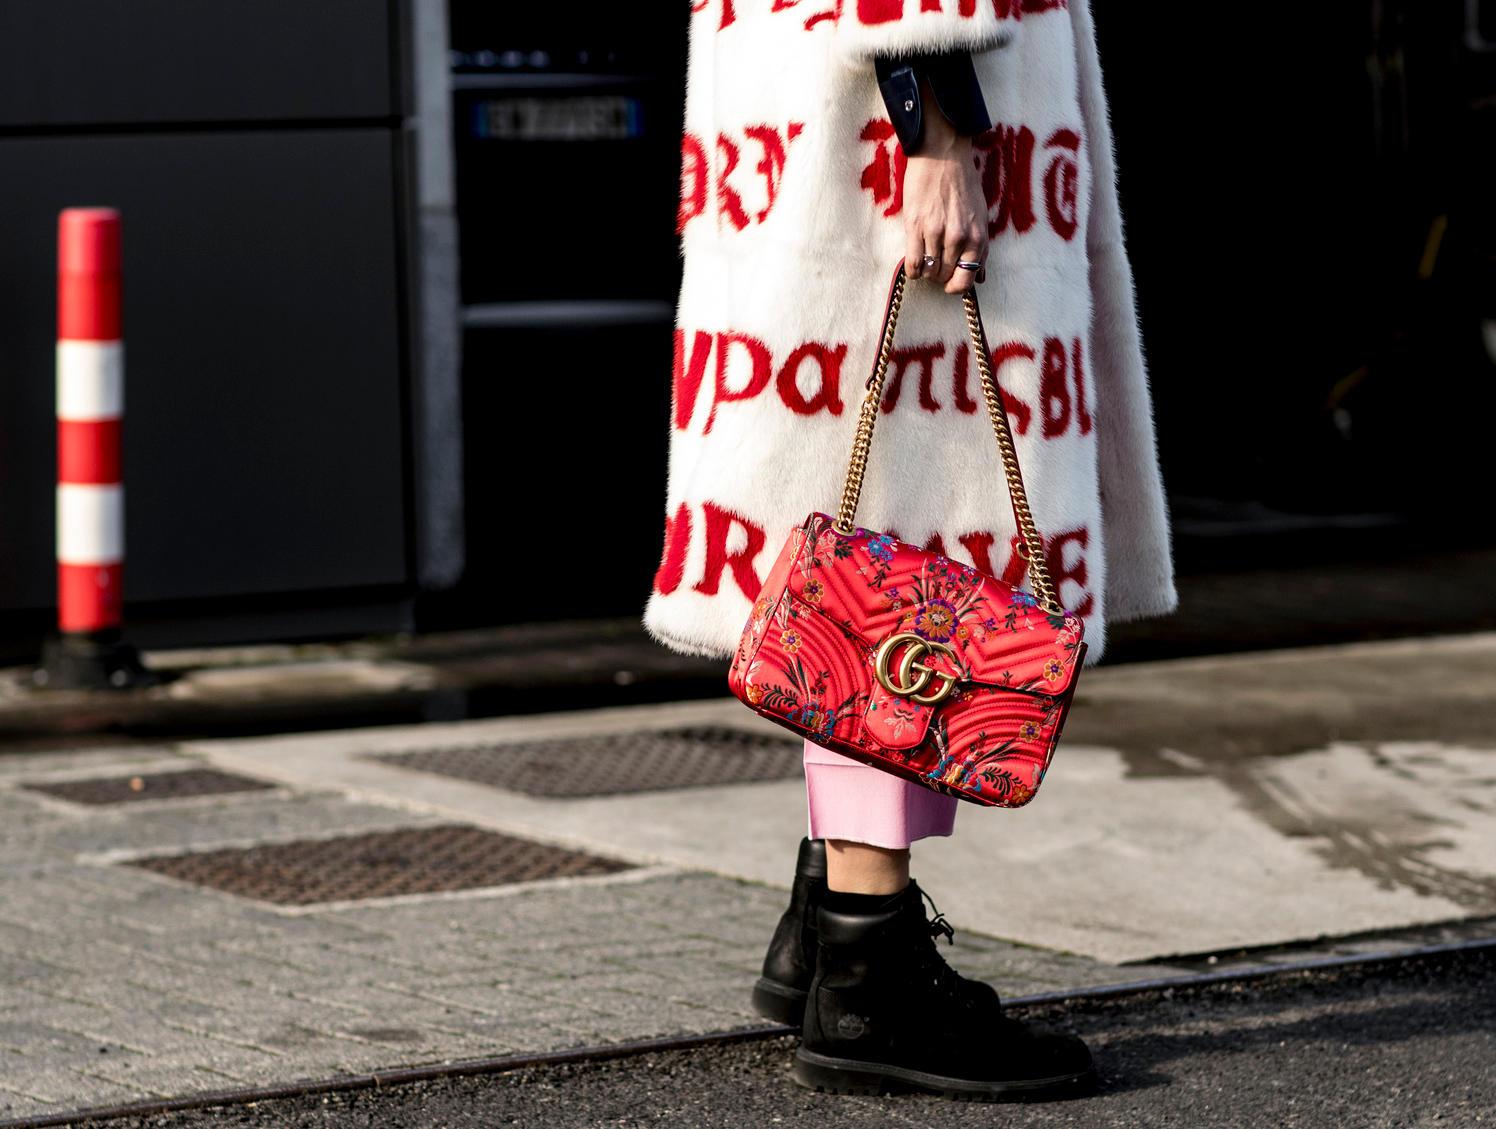 Những thiết kế túi thanh lịch như Marmont và Dionysus của nhà mốt cũng là một trong những thiết kế bán chạy nhất trong năm vừa qua.